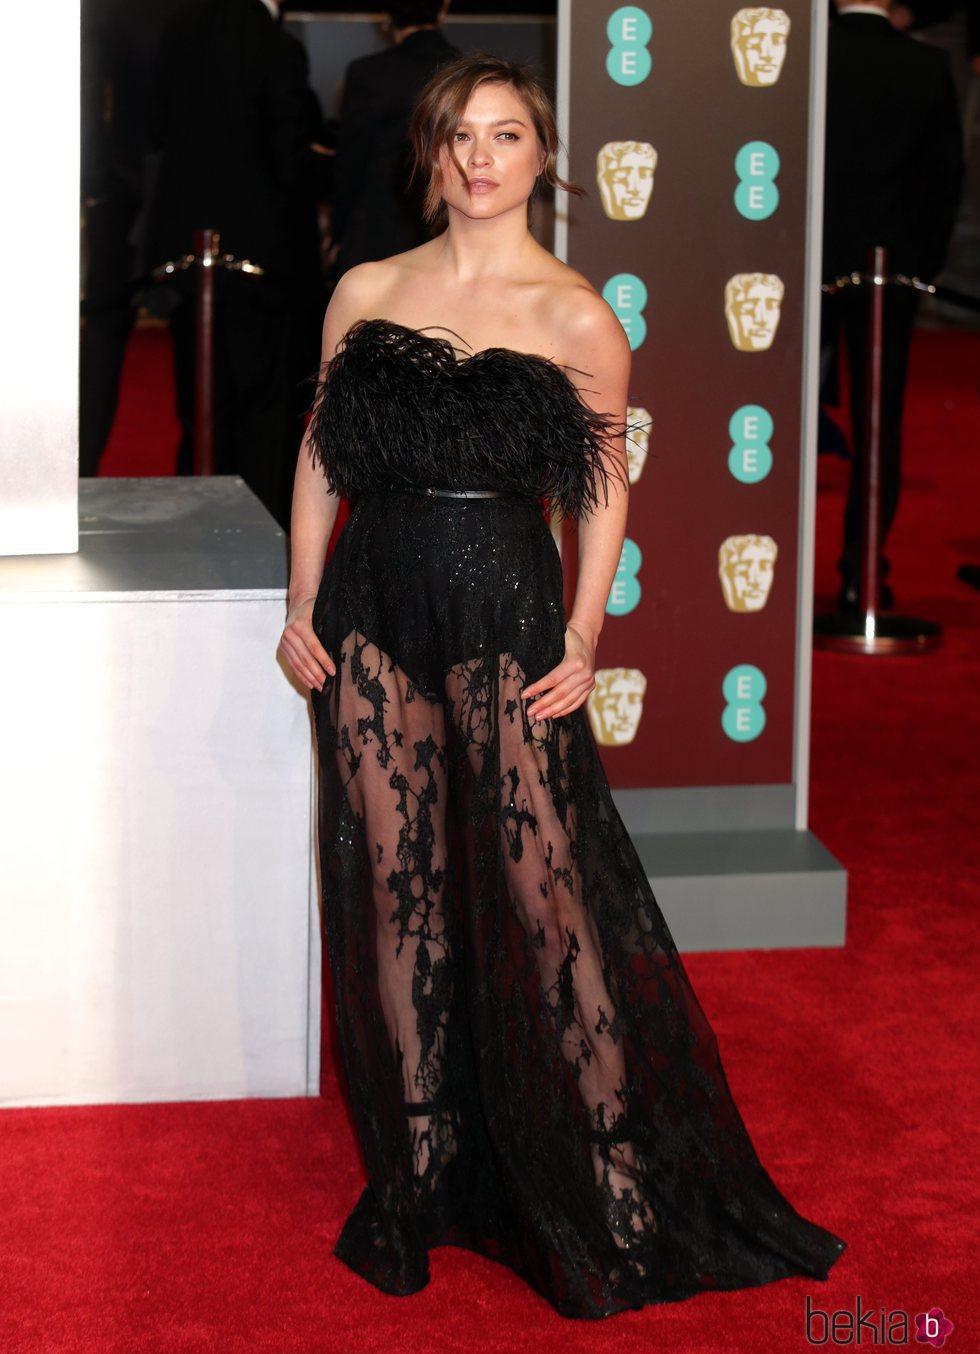 Sophie Cookson en la alfombra roja de los Premios BAFTA 2018